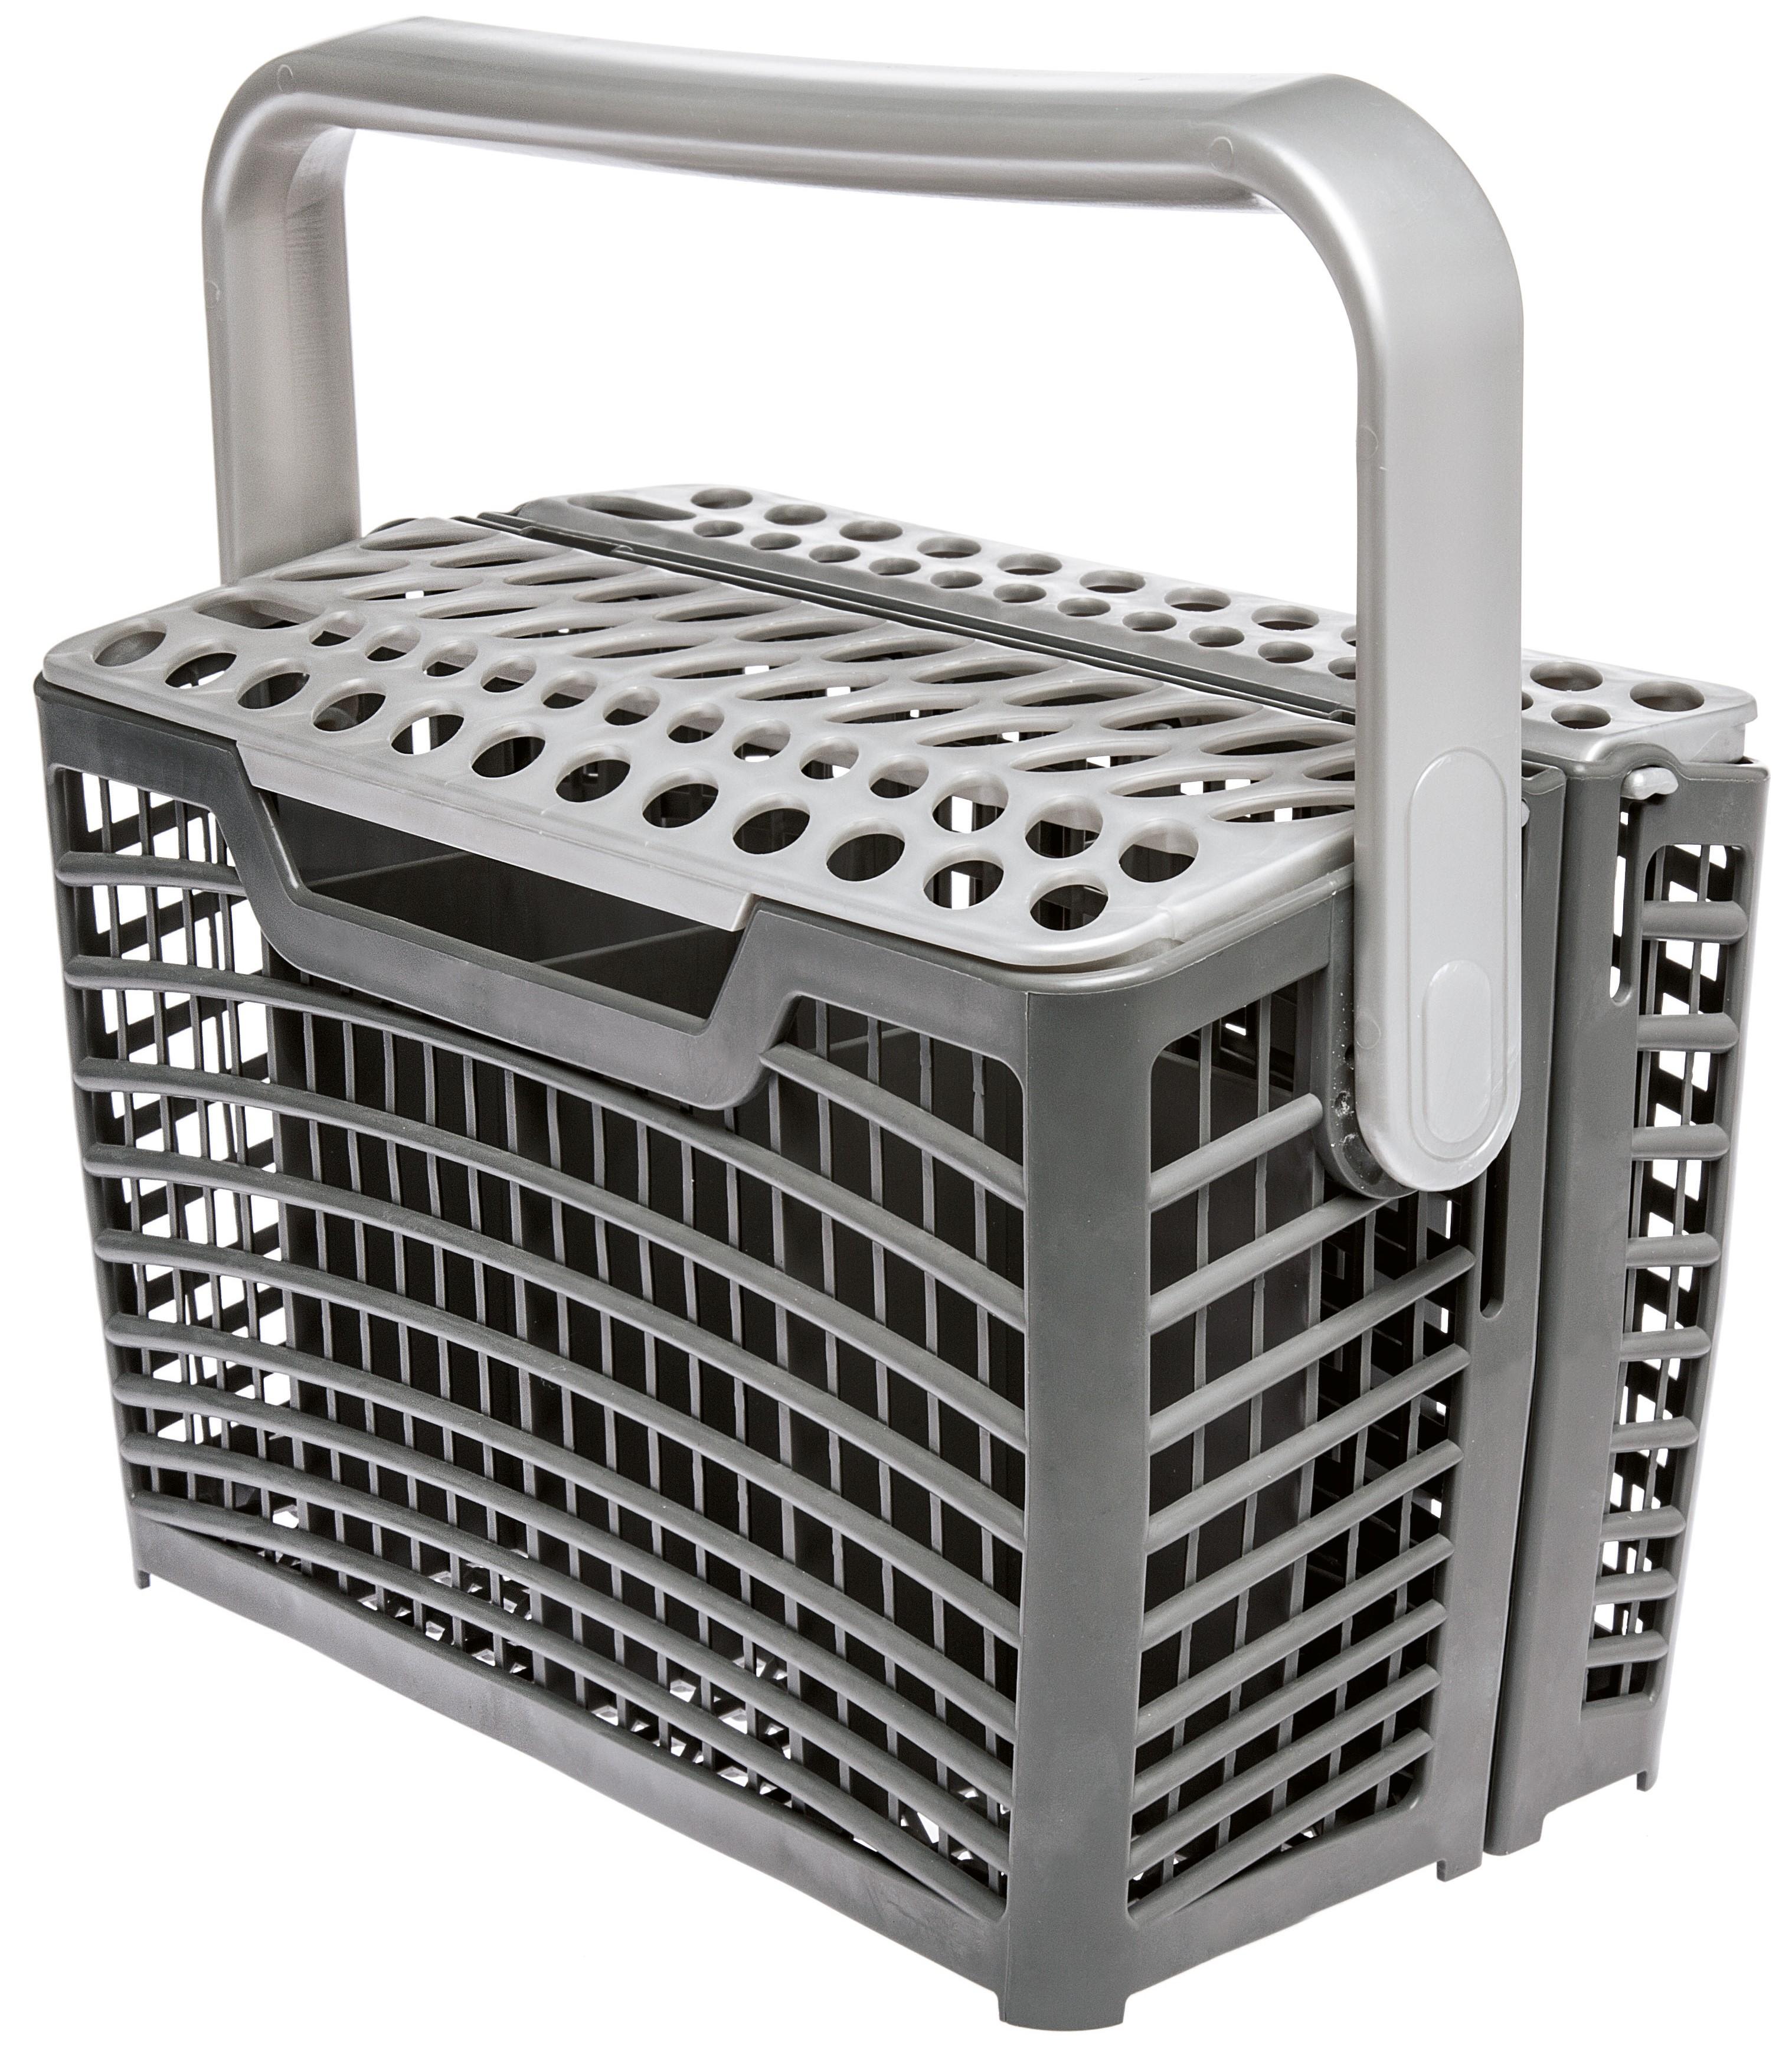 CUTLERYBASKET : Electrolux bestikkurv til oppvaskmaskin